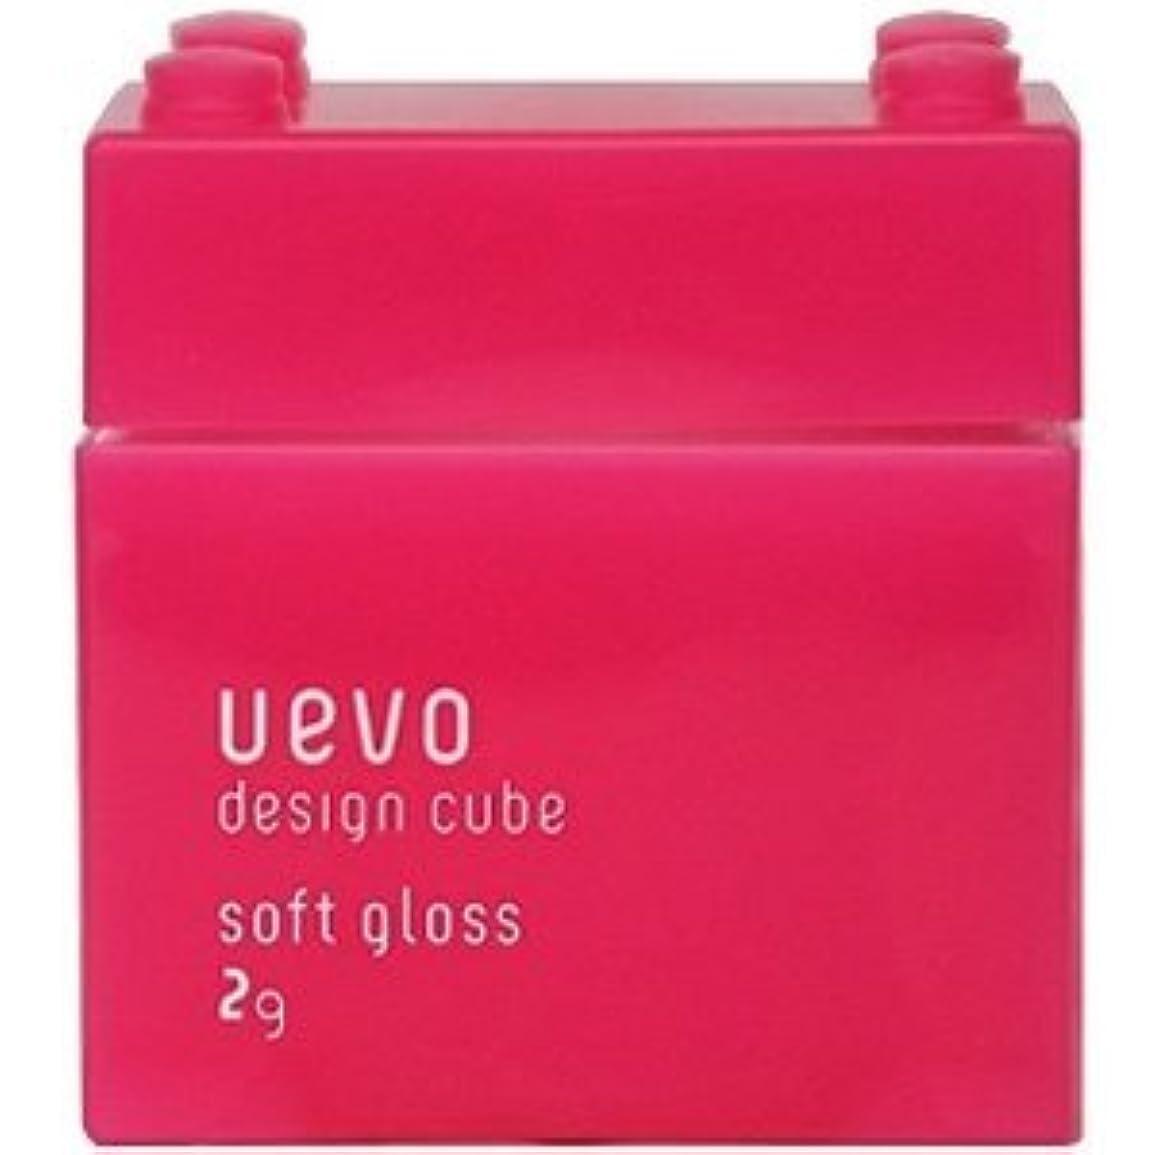 おなじみの拾う拒絶【X3個セット】 デミ ウェーボ デザインキューブ ソフトグロス 80g soft gloss DEMI uevo design cube